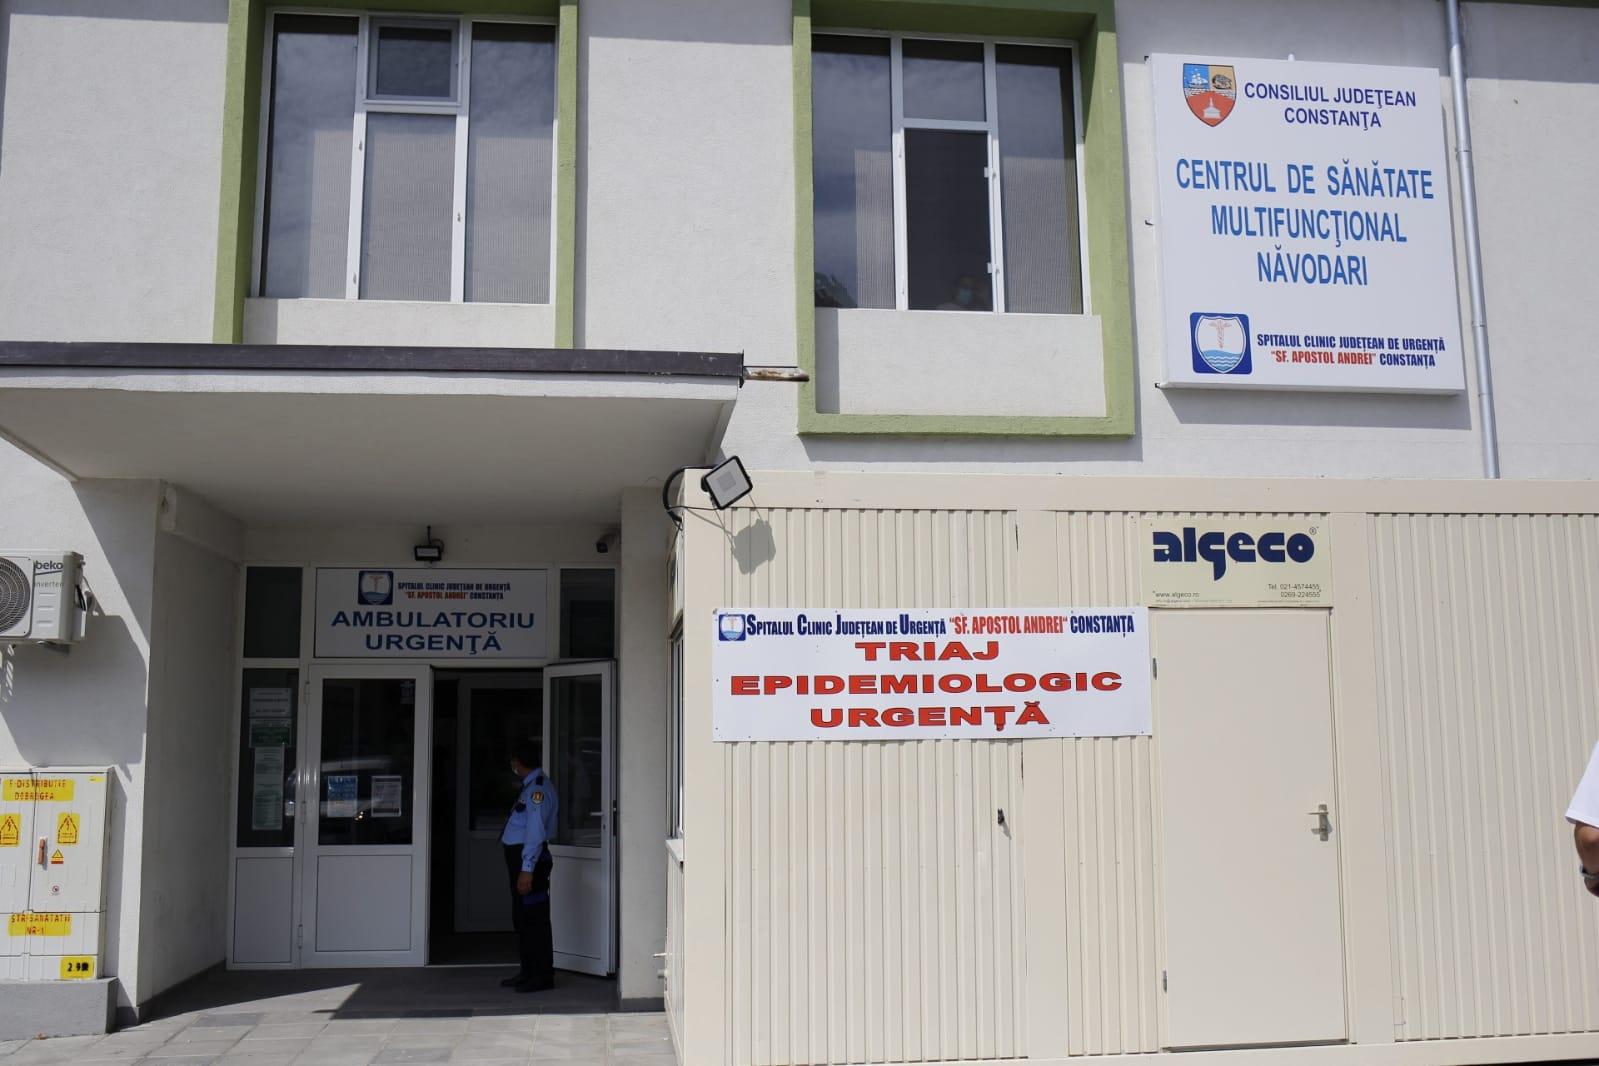 centrul multifuncțional de sănătate năvodari